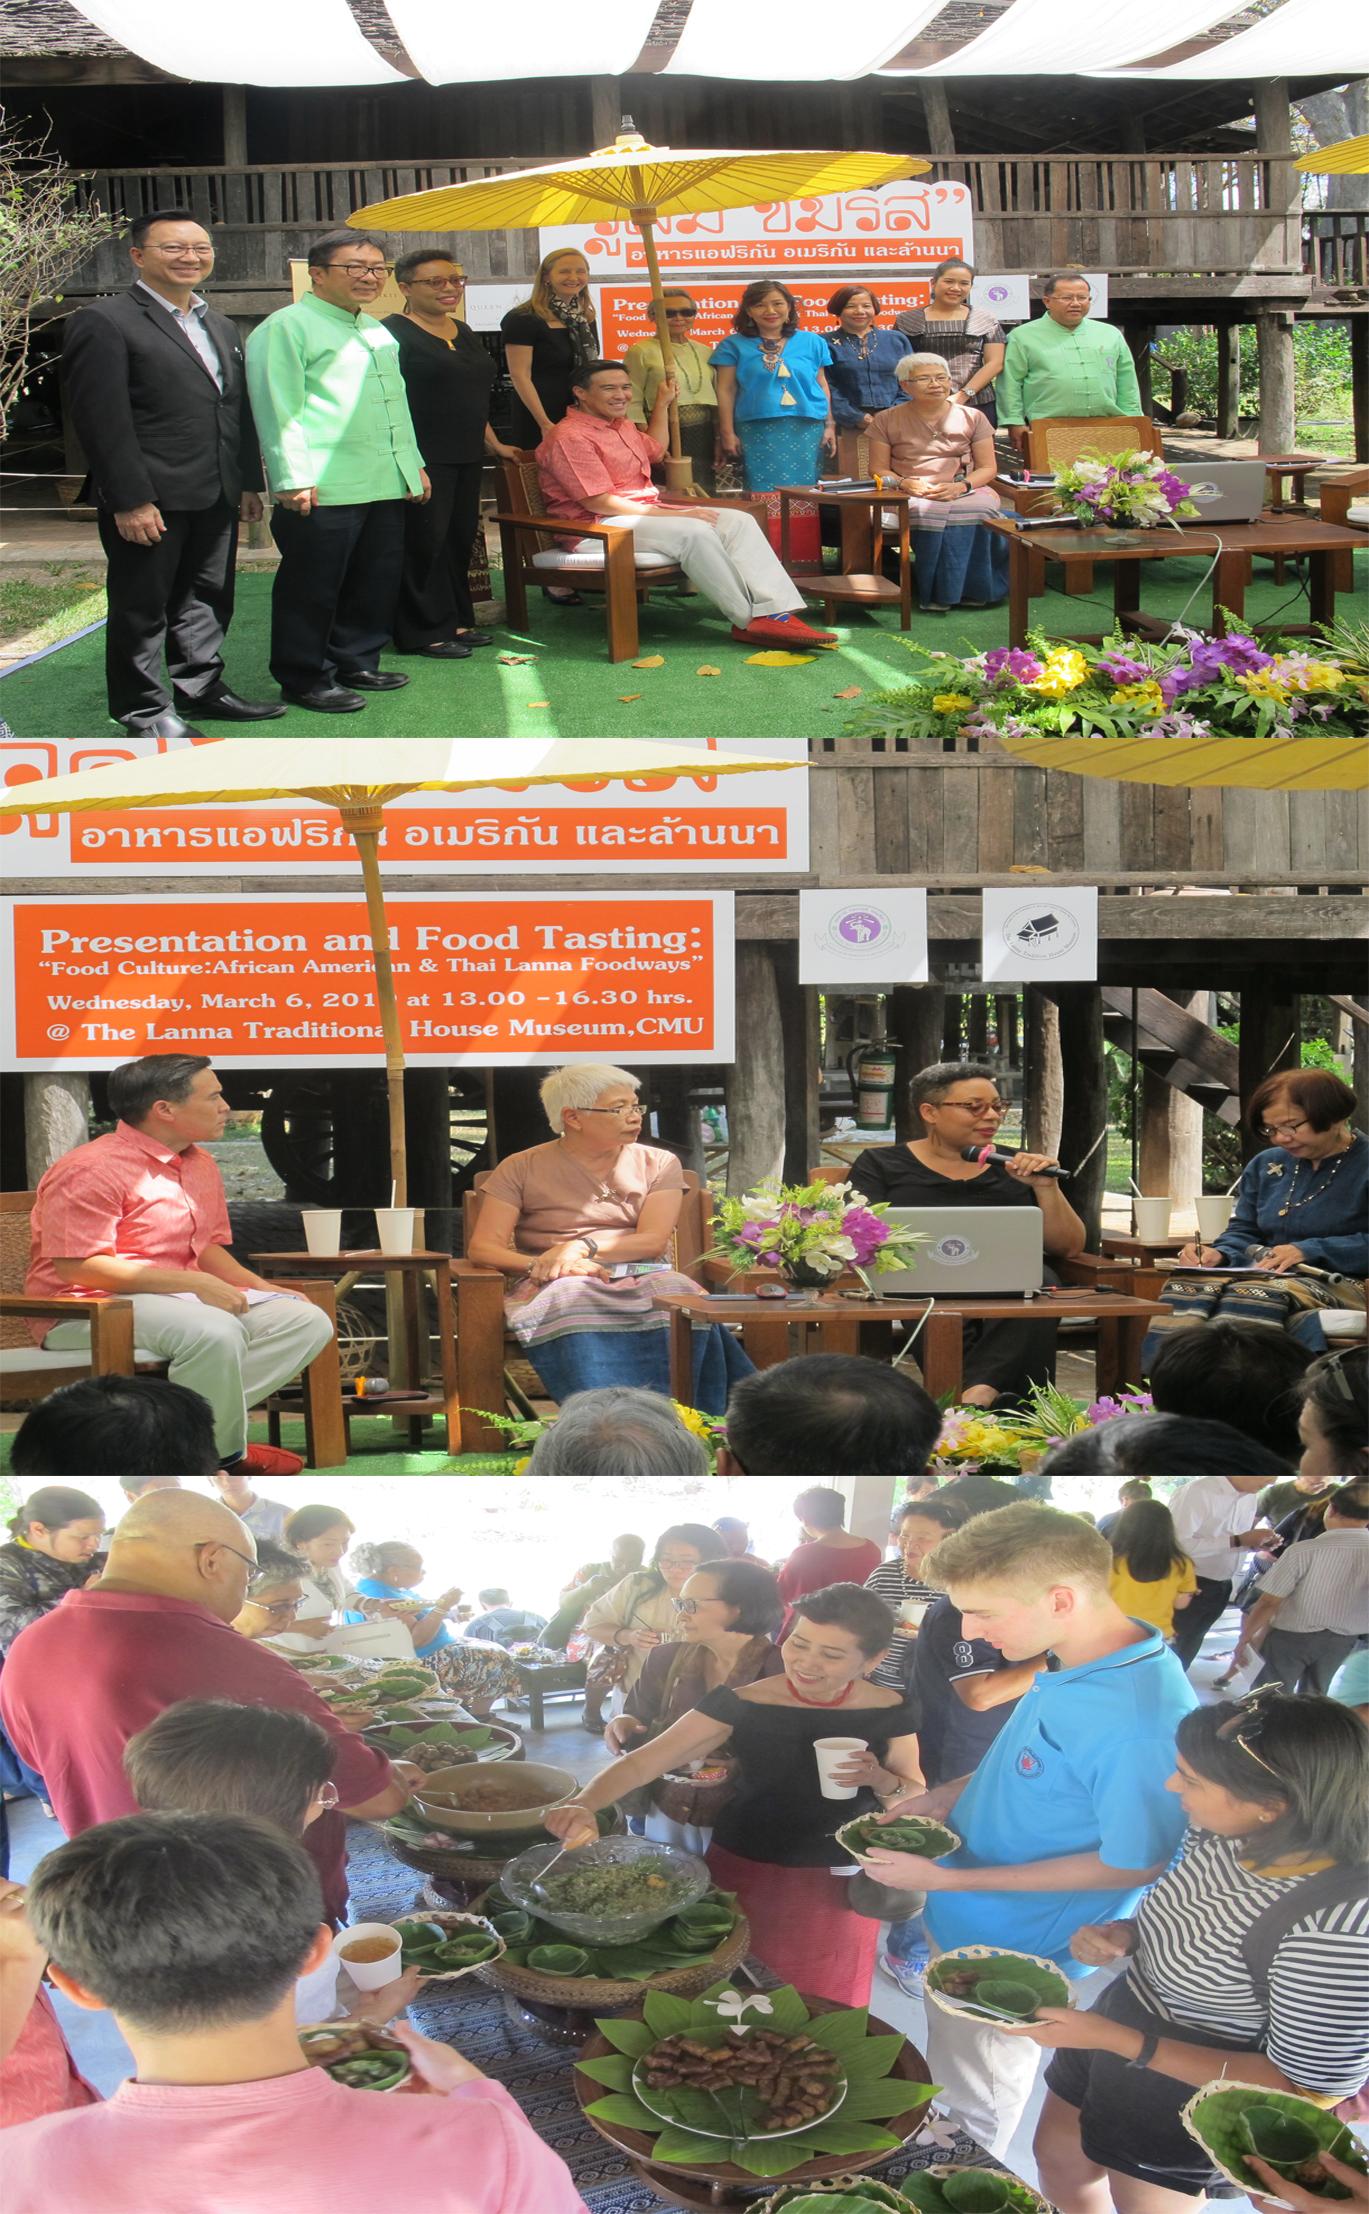 """งานเสวนา """"รู้ลิ้ม ชิมรส"""" อาหารแอฟริกันอเมริกัน และล้านนา Presentation and Food Tasting: """"Food Culture:African American & Thai Lanna Foodways"""""""